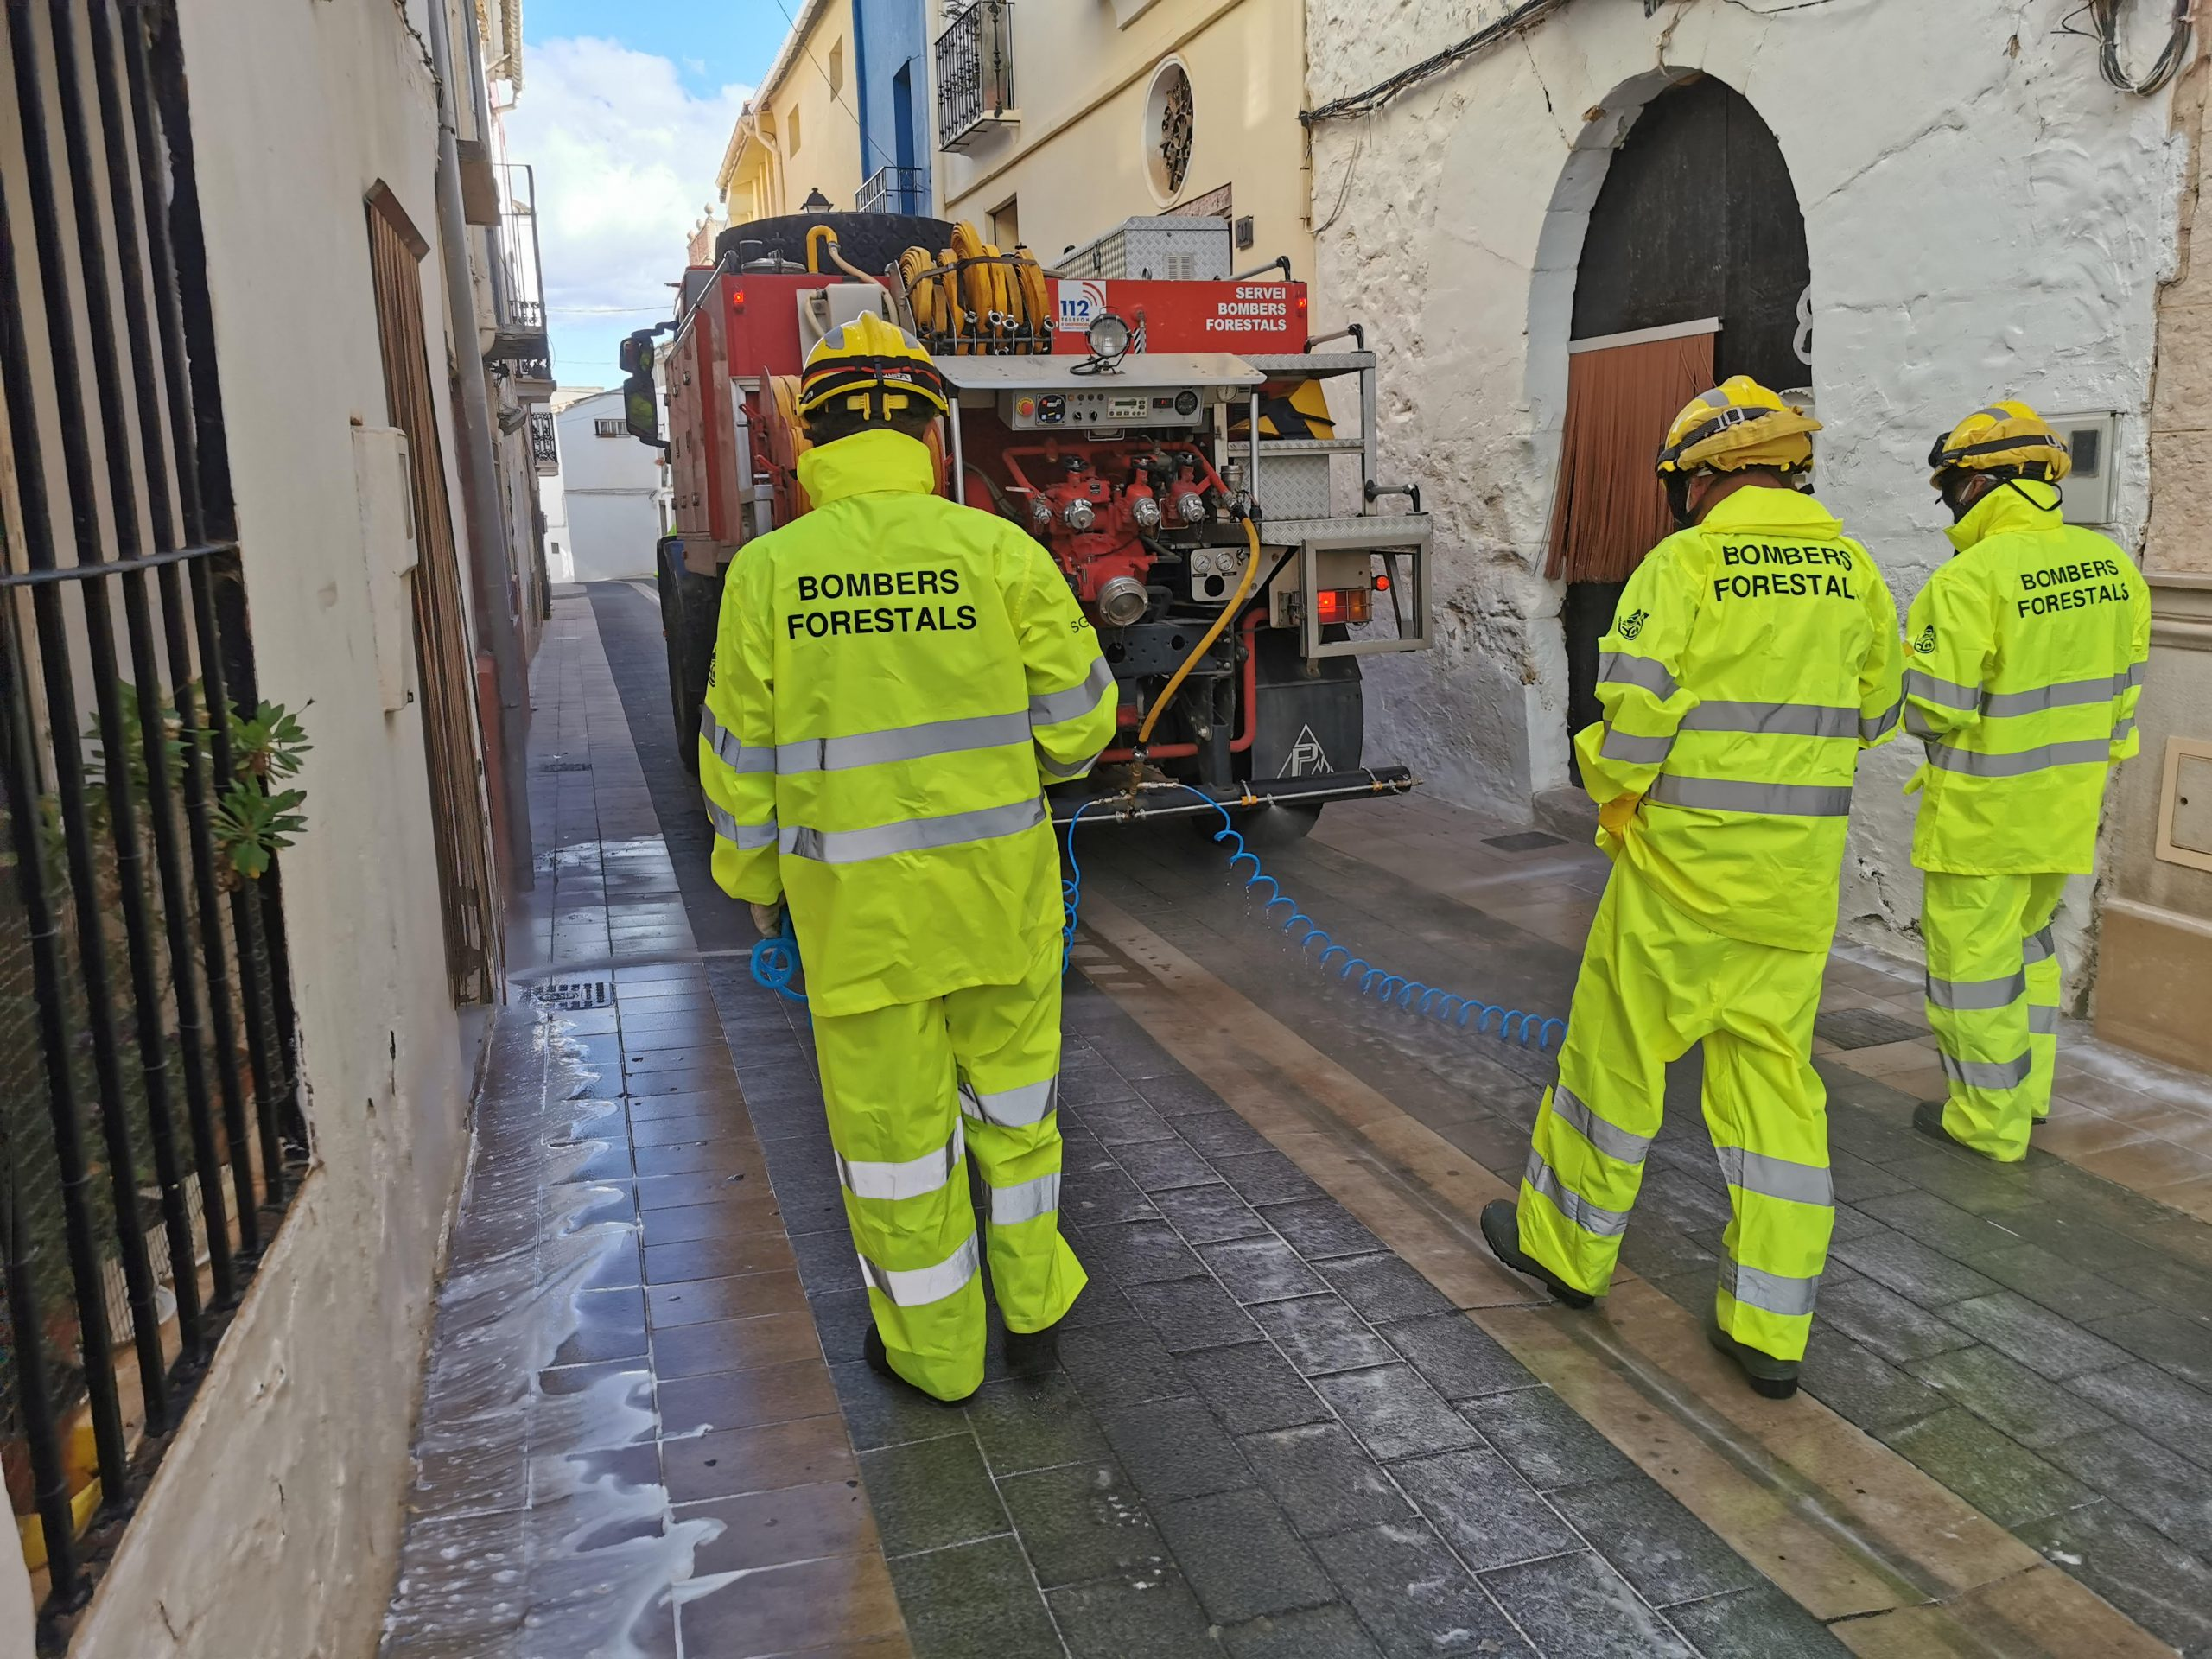 Los Bomberos de la Diputación de Castellón destinaron 200.000 euros en 2020 a la realización de 627 desinfecciones frente a la Covid en pueblos y pedanías